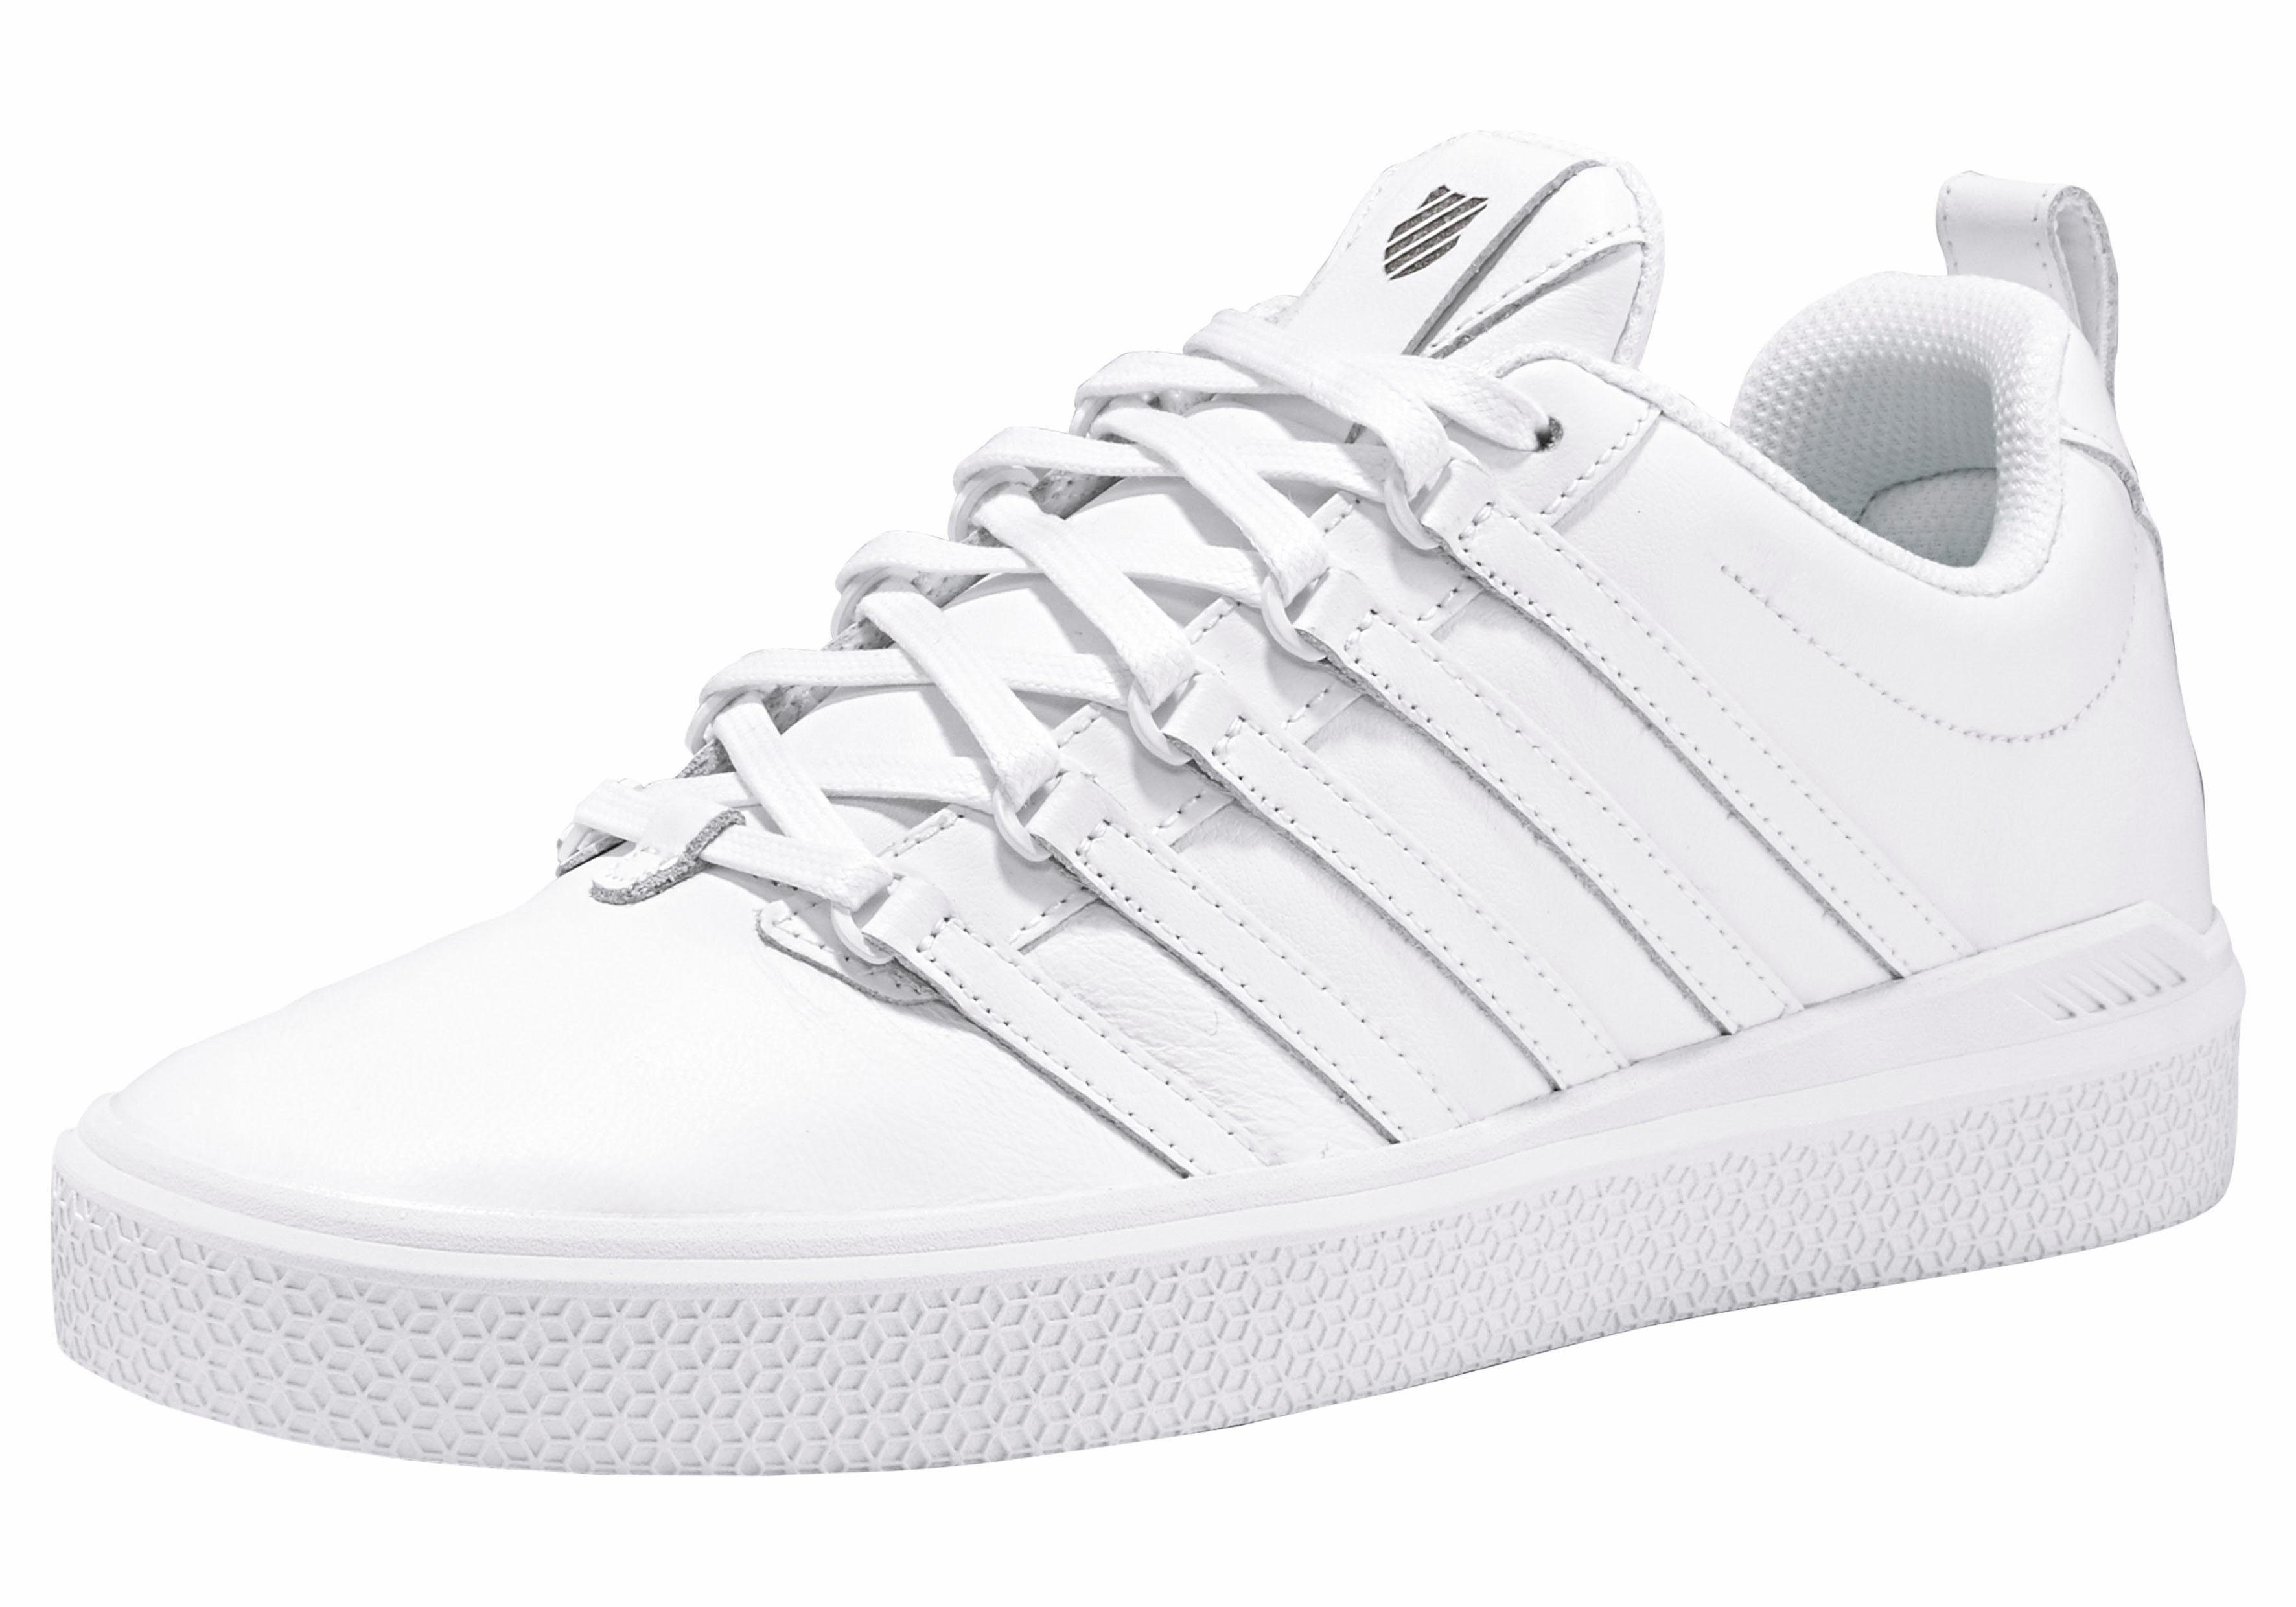 K-Swiss Sneaker wit Outlet Locaties Te Koop laatste Korting View v6r6bLs